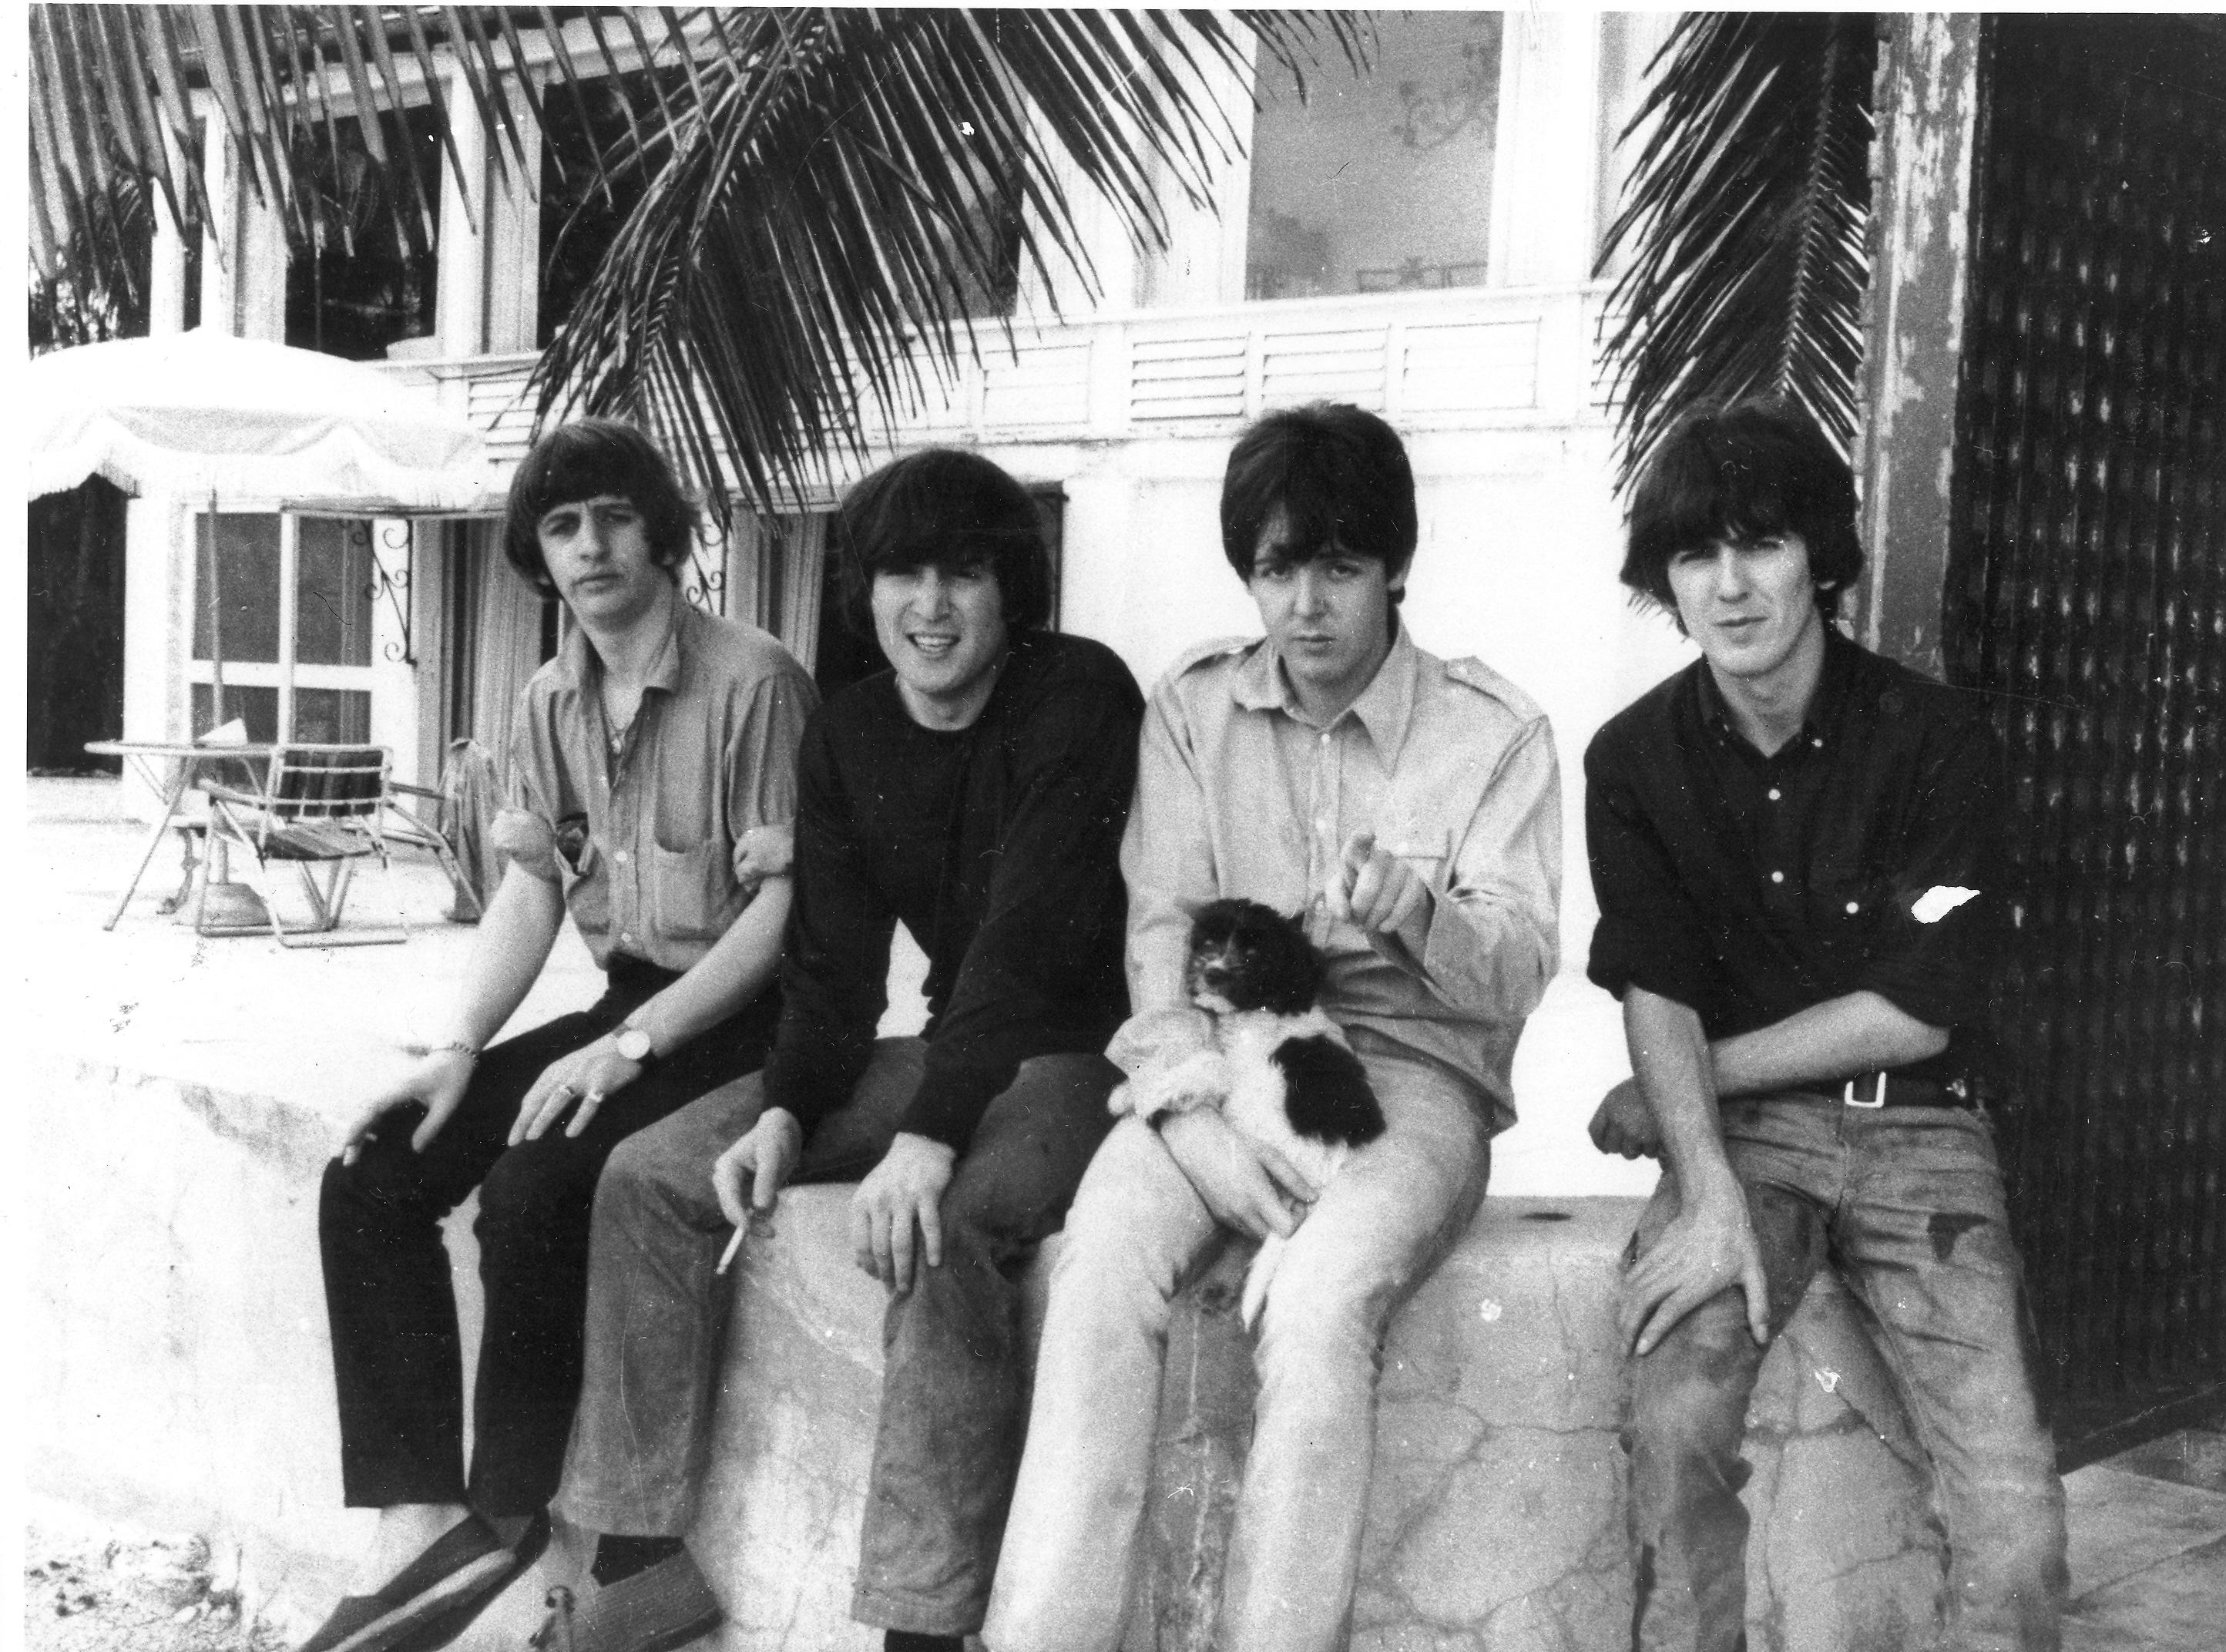 Vor 50 Jahren kam 'Help!' von den Beatles ins Kino